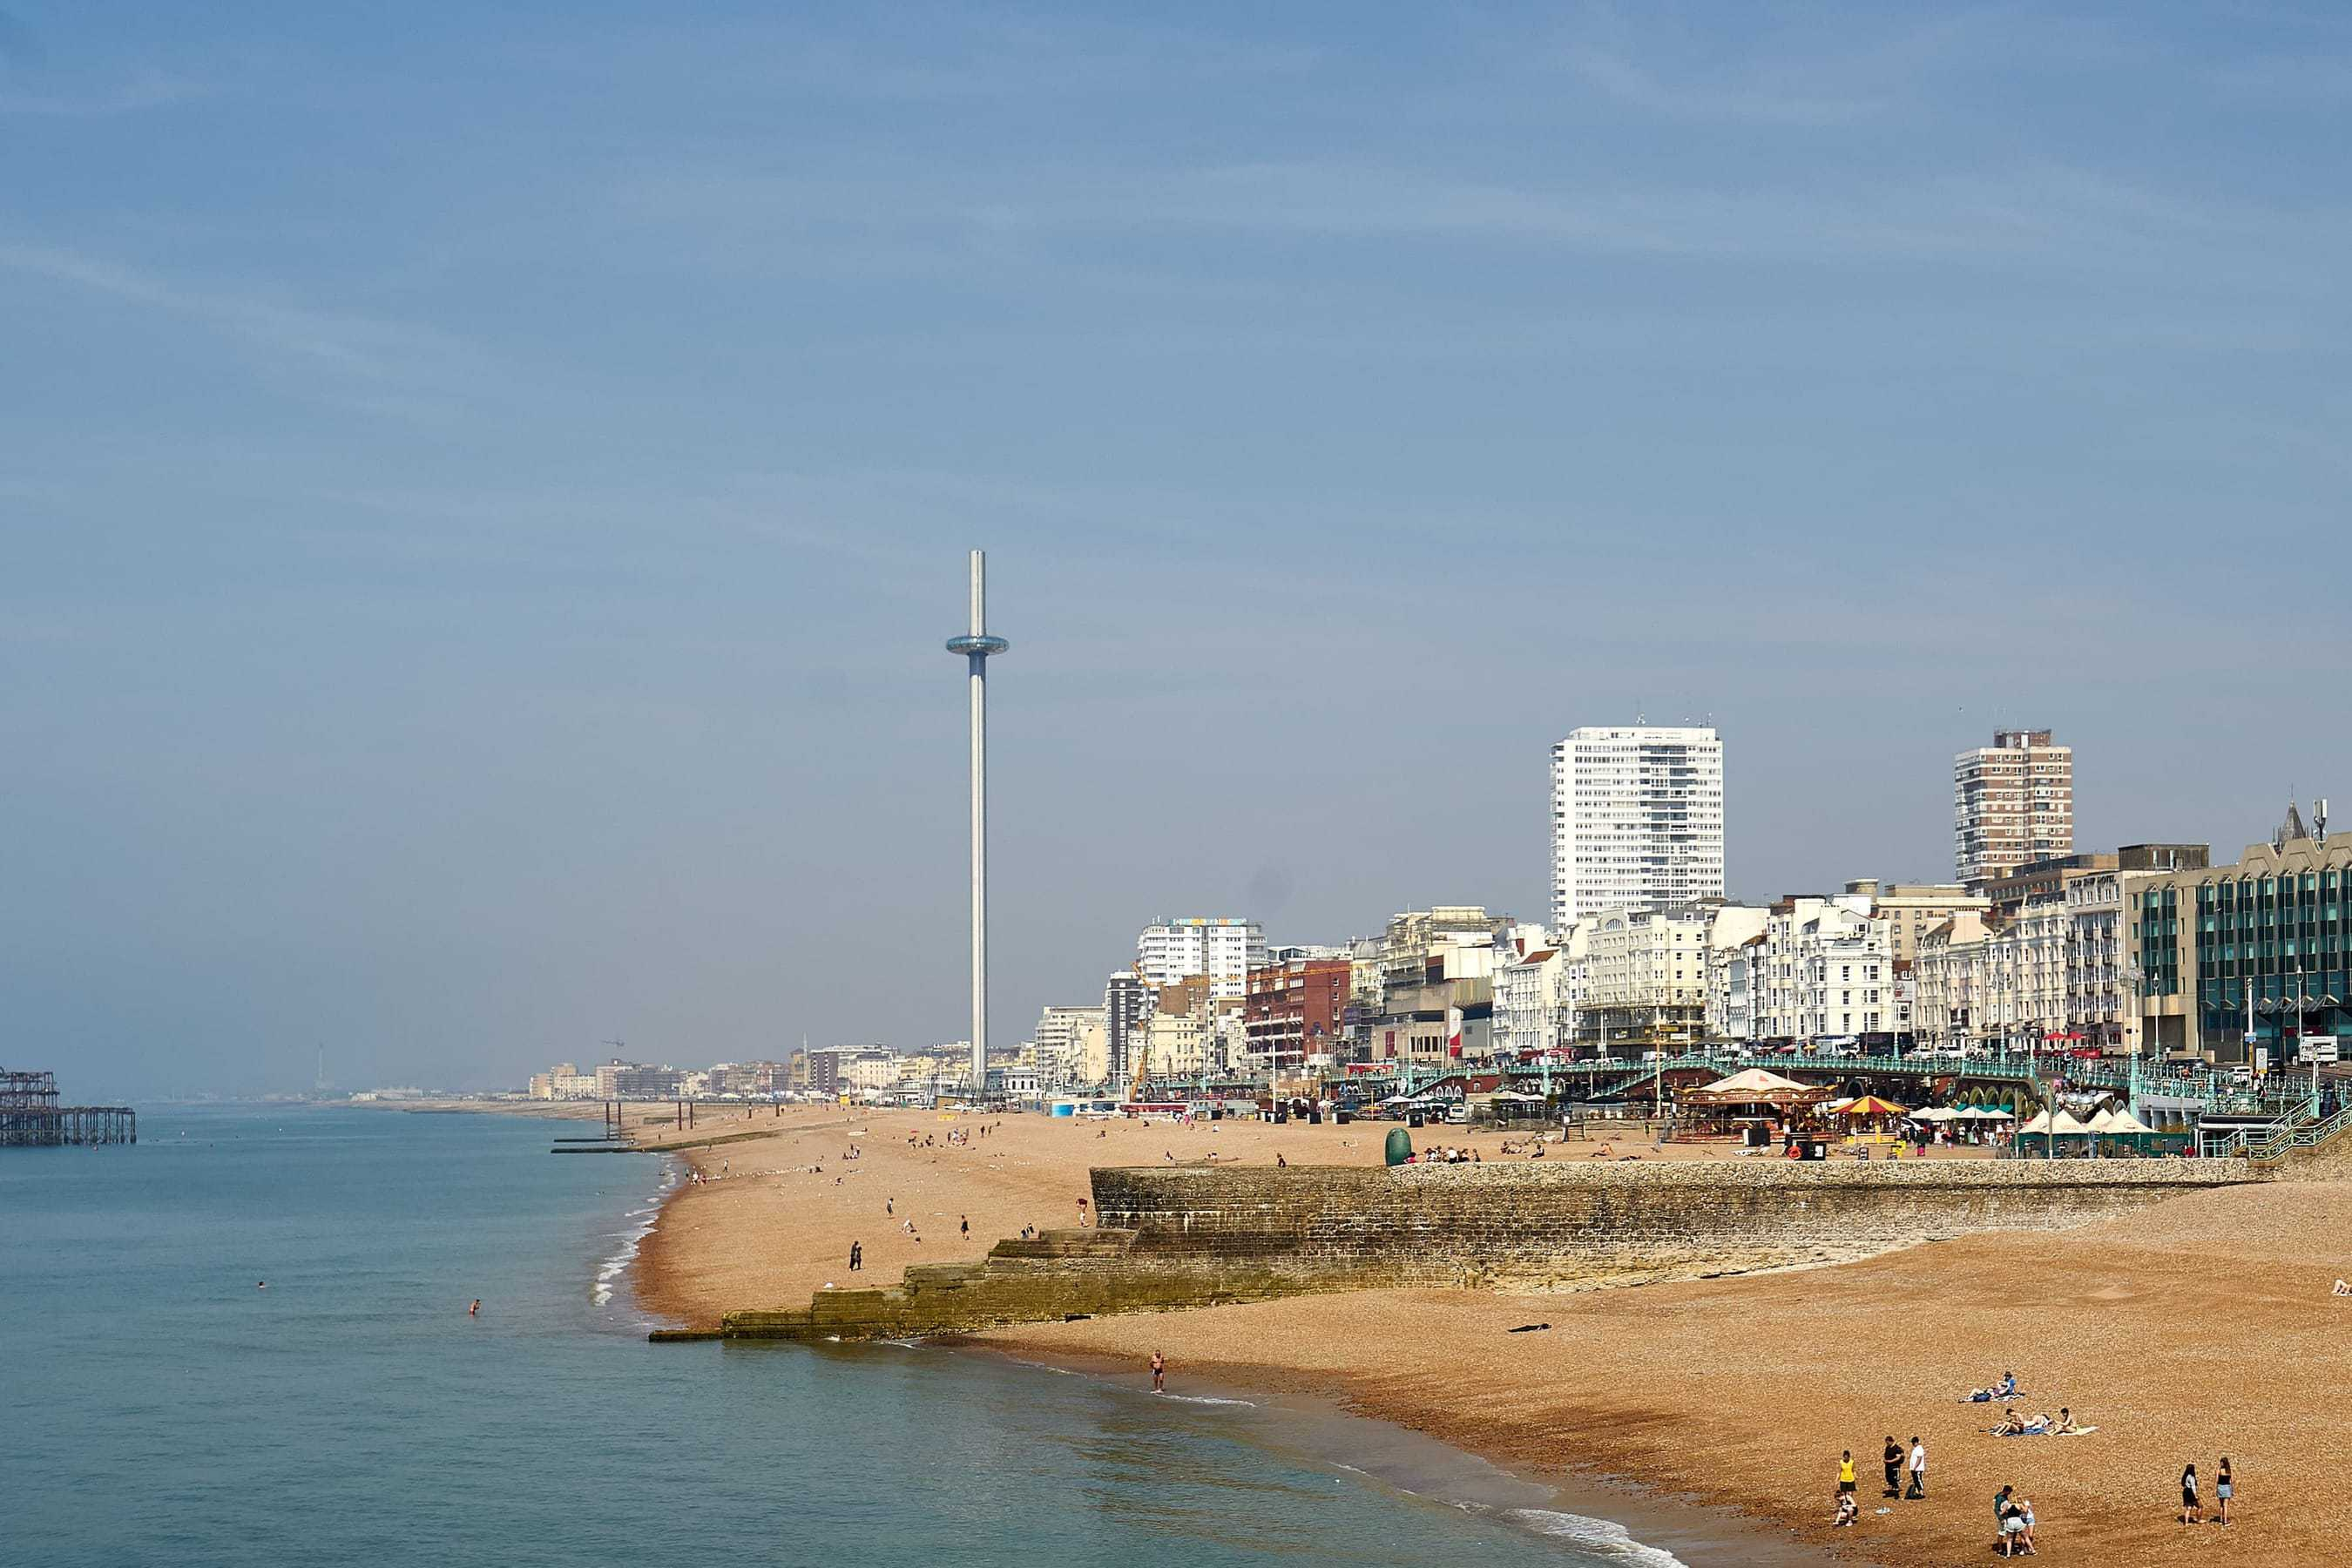 Strand in Brighton mit i360